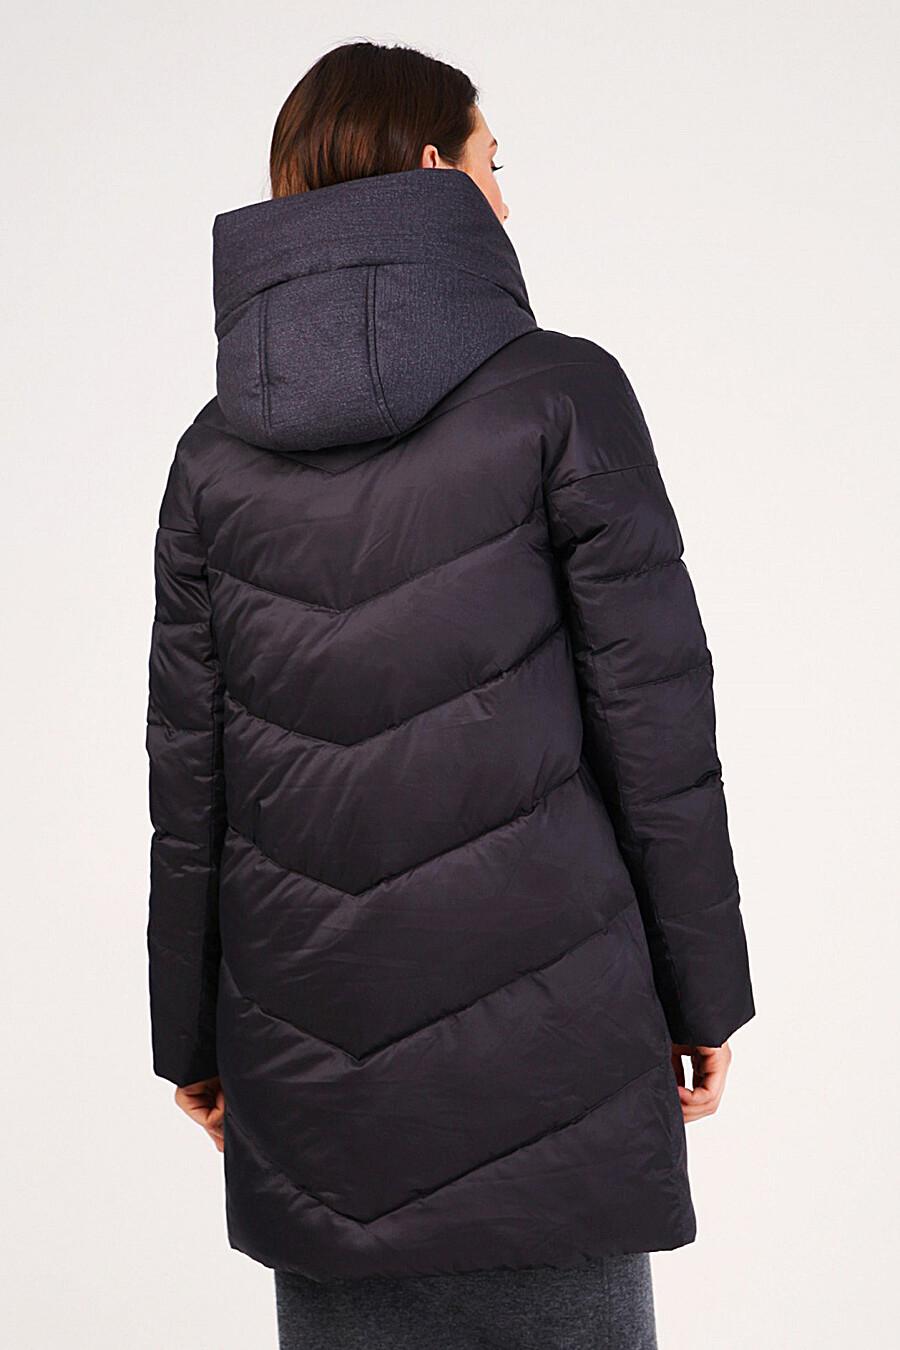 Пальто для женщин TOM FARR 155107 купить оптом от производителя. Совместная покупка женской одежды в OptMoyo